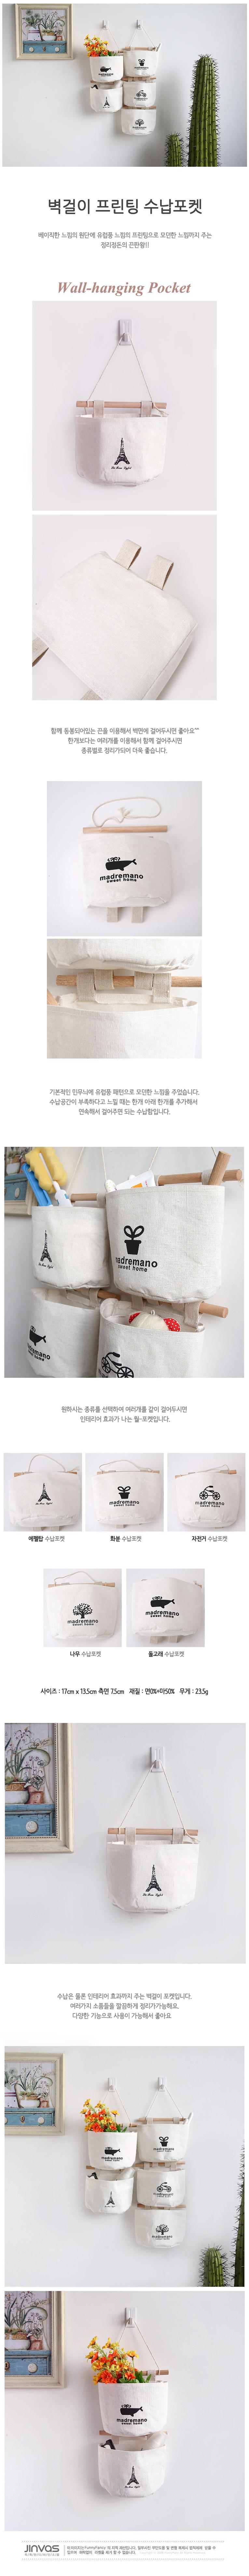 벽걸이 프린팅 수납포켓 - 진바스, 2,000원, 정리/리빙박스, 소품정리함